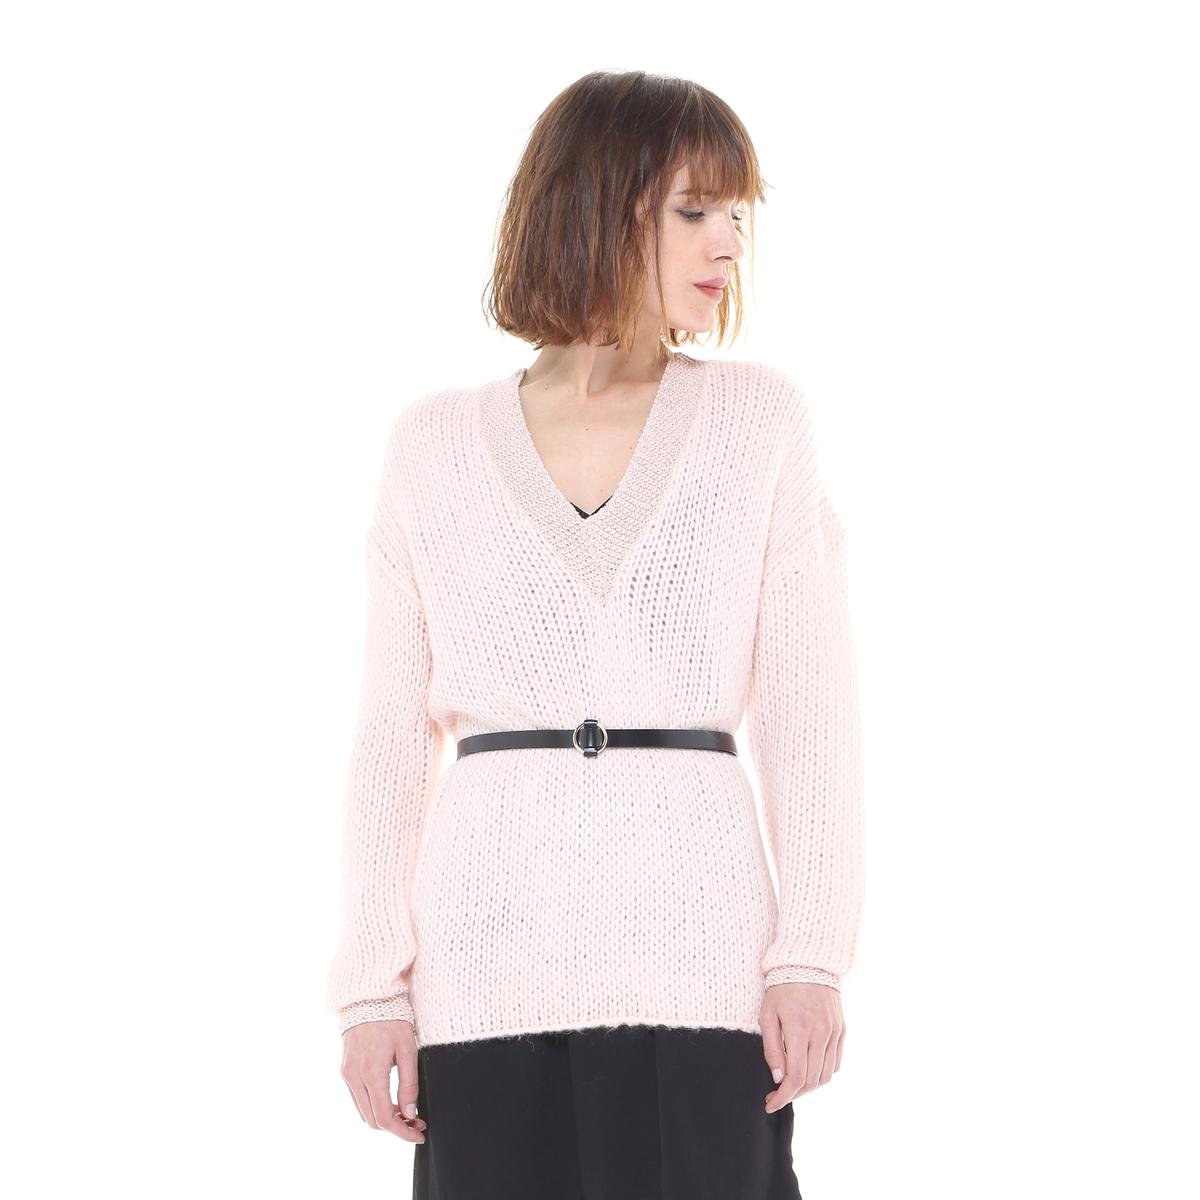 Пуловер с V-образным вырезом из плотного трикотажа пуловер из мохера